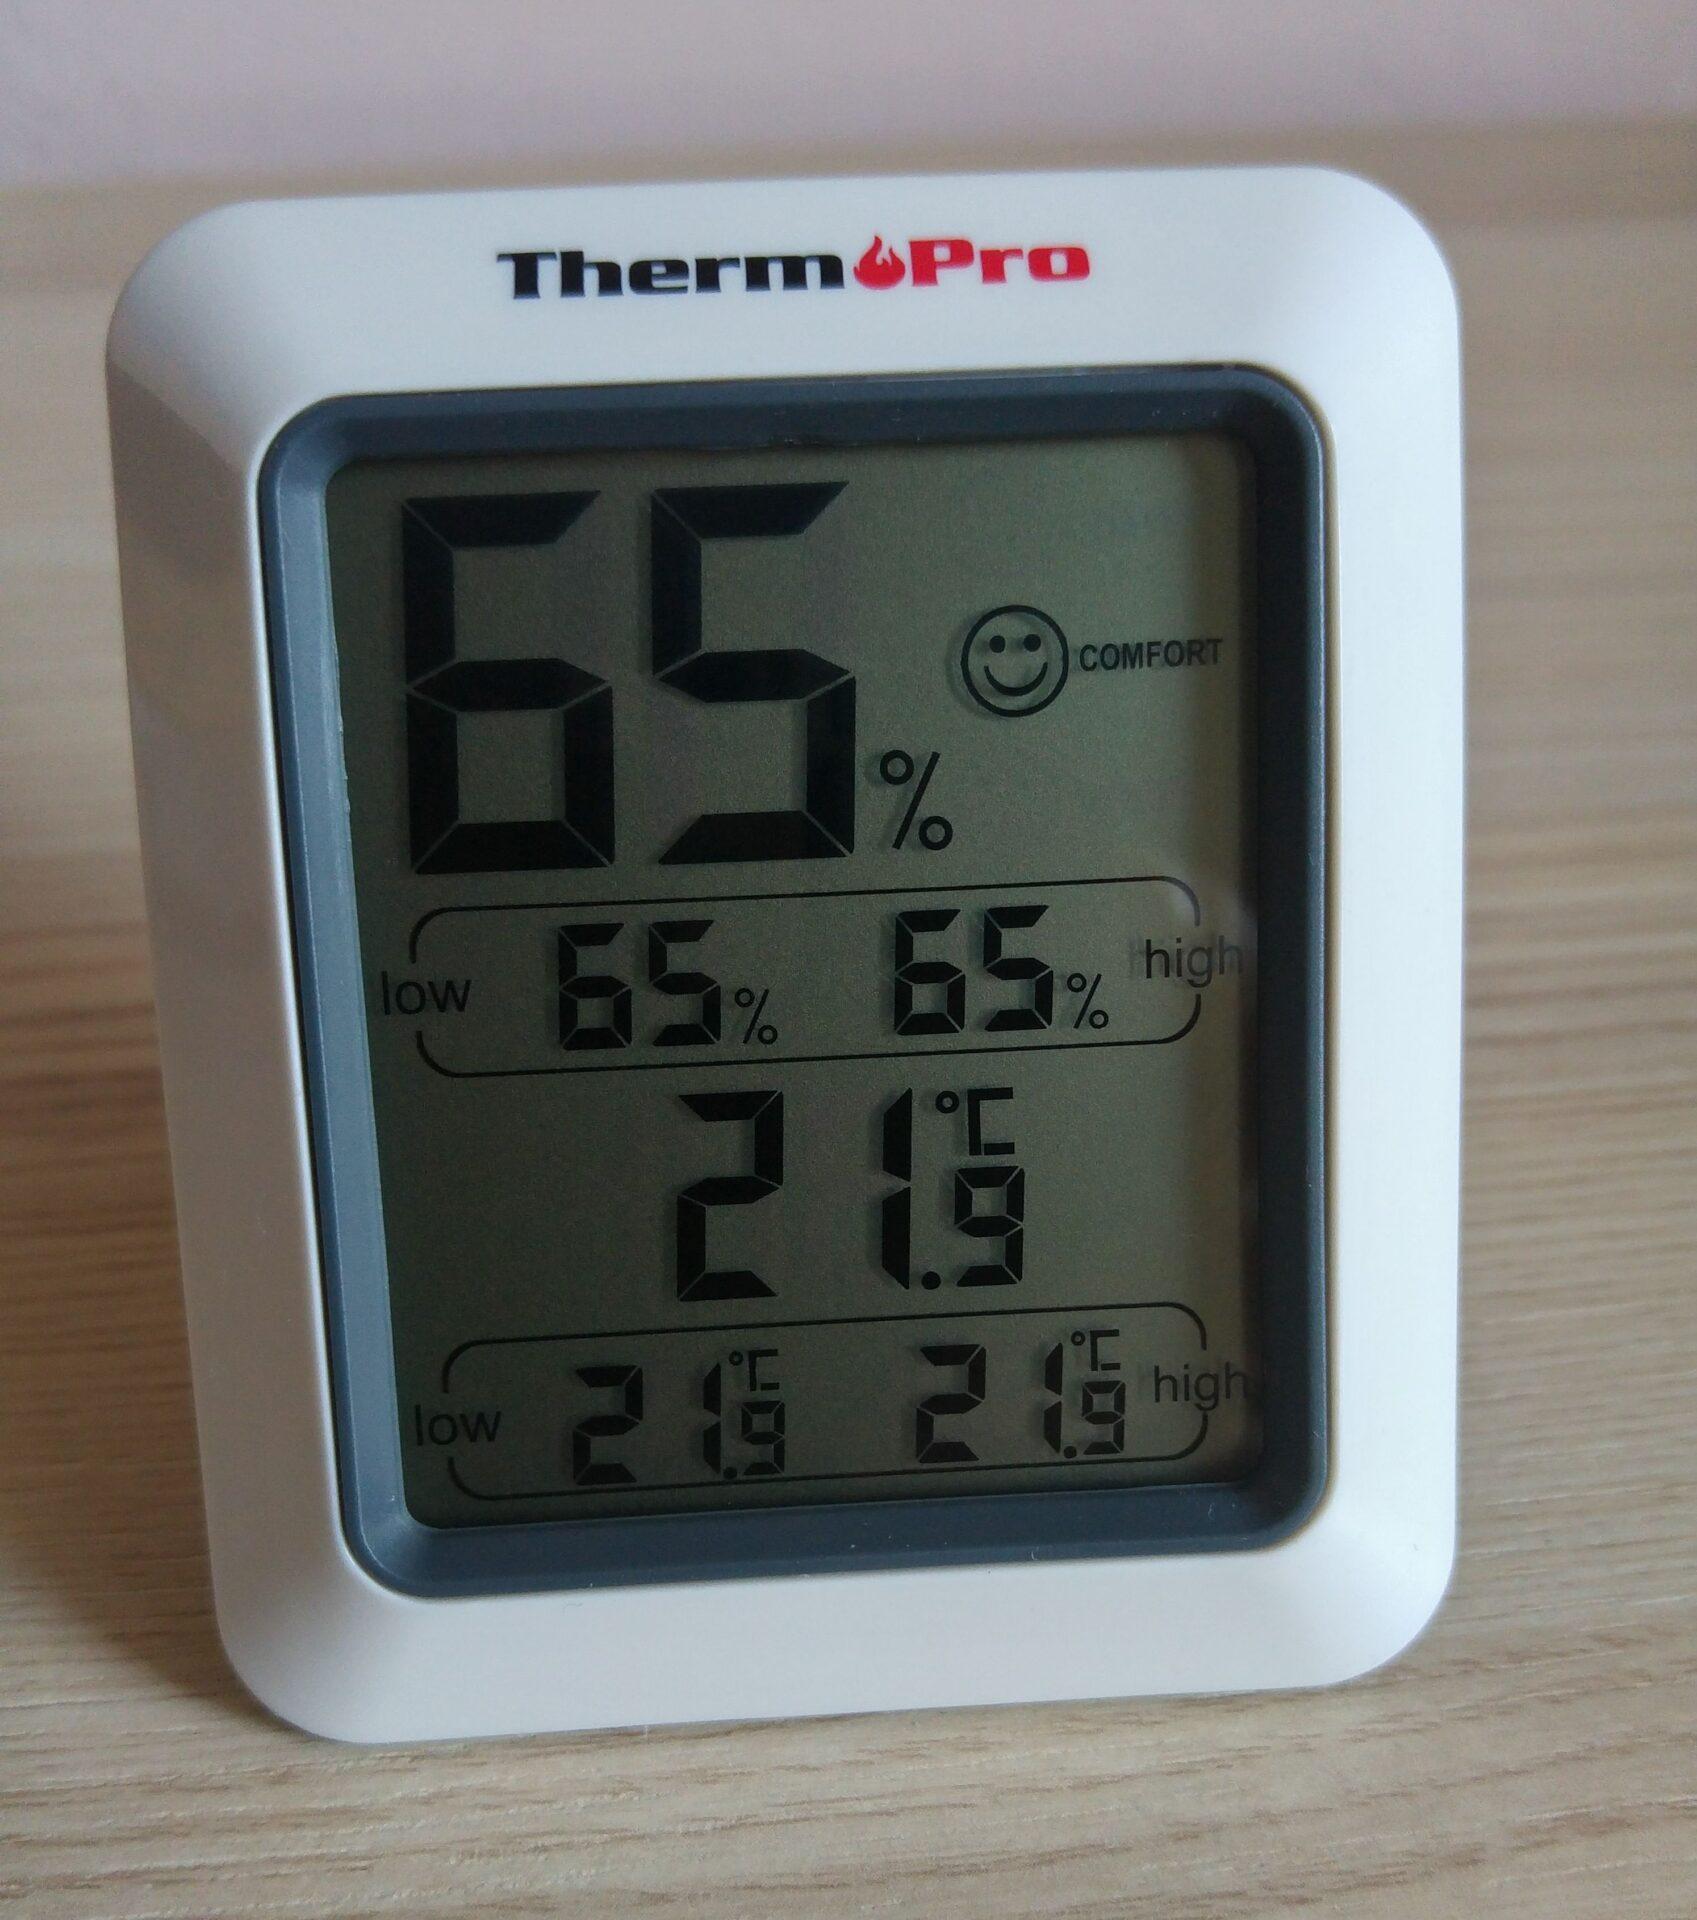 La mia recensione di: Termometro e Igrometro digitale ThermoPro TP50